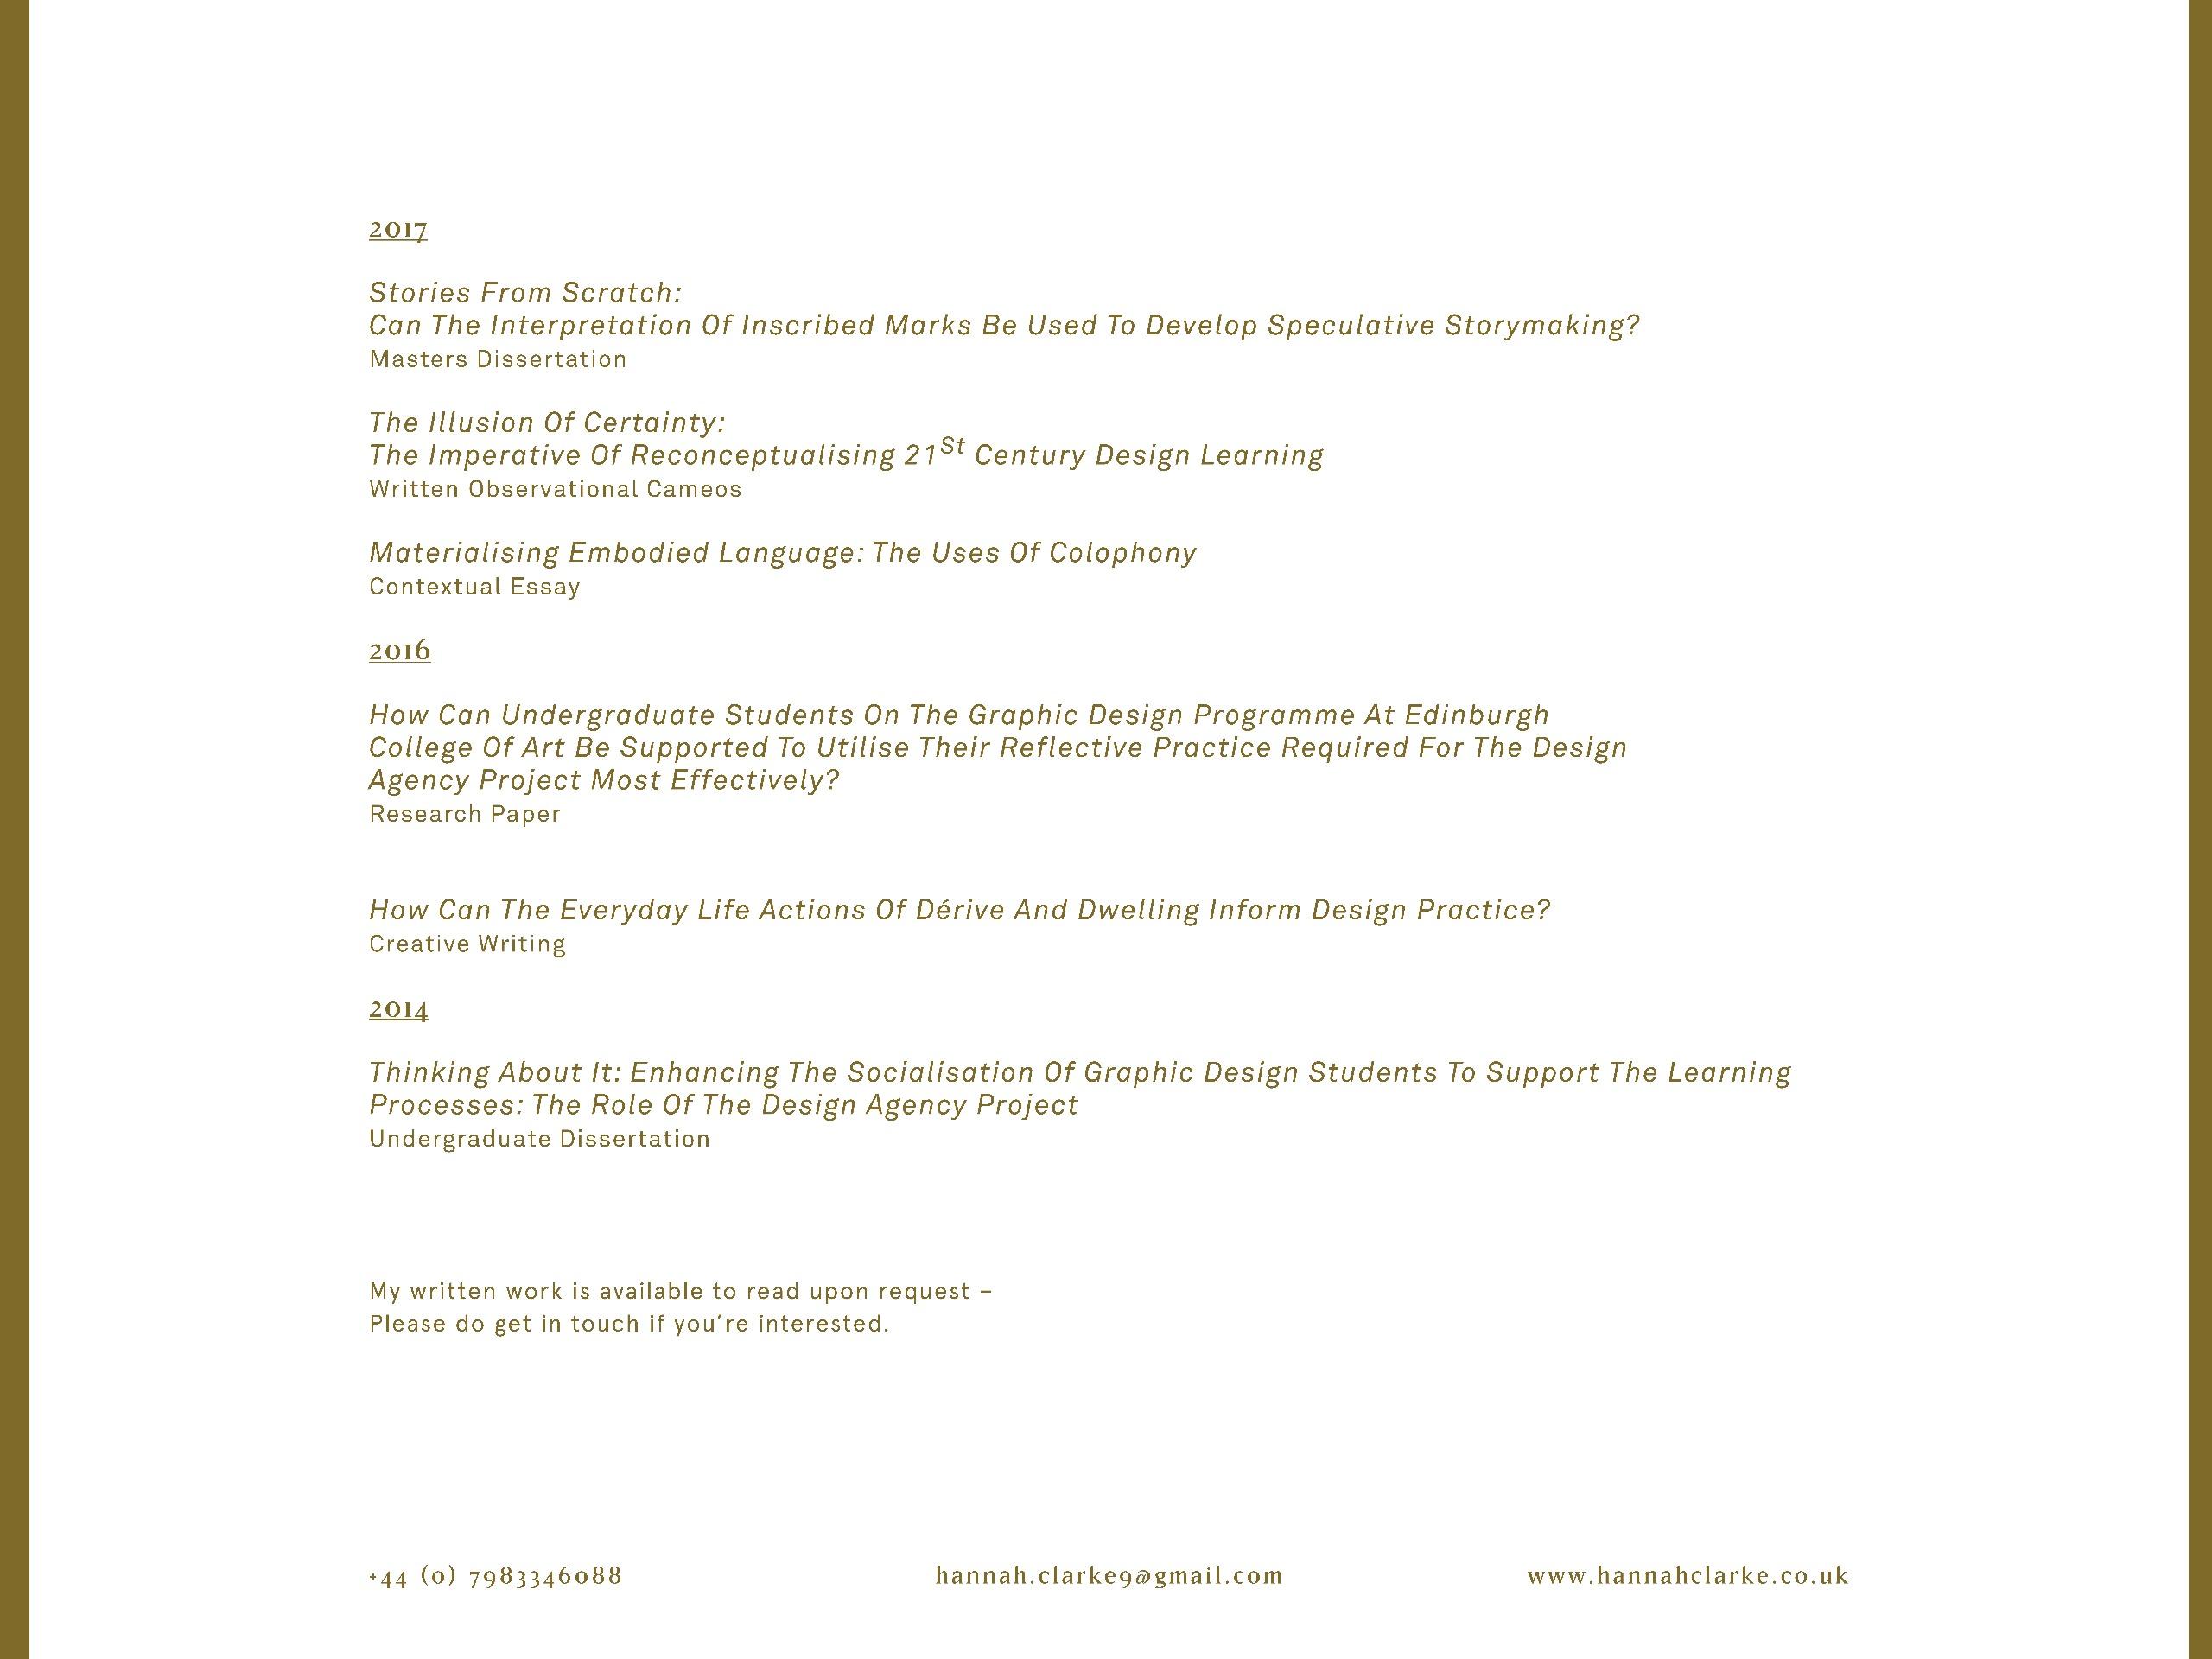 Rig welder cover letter